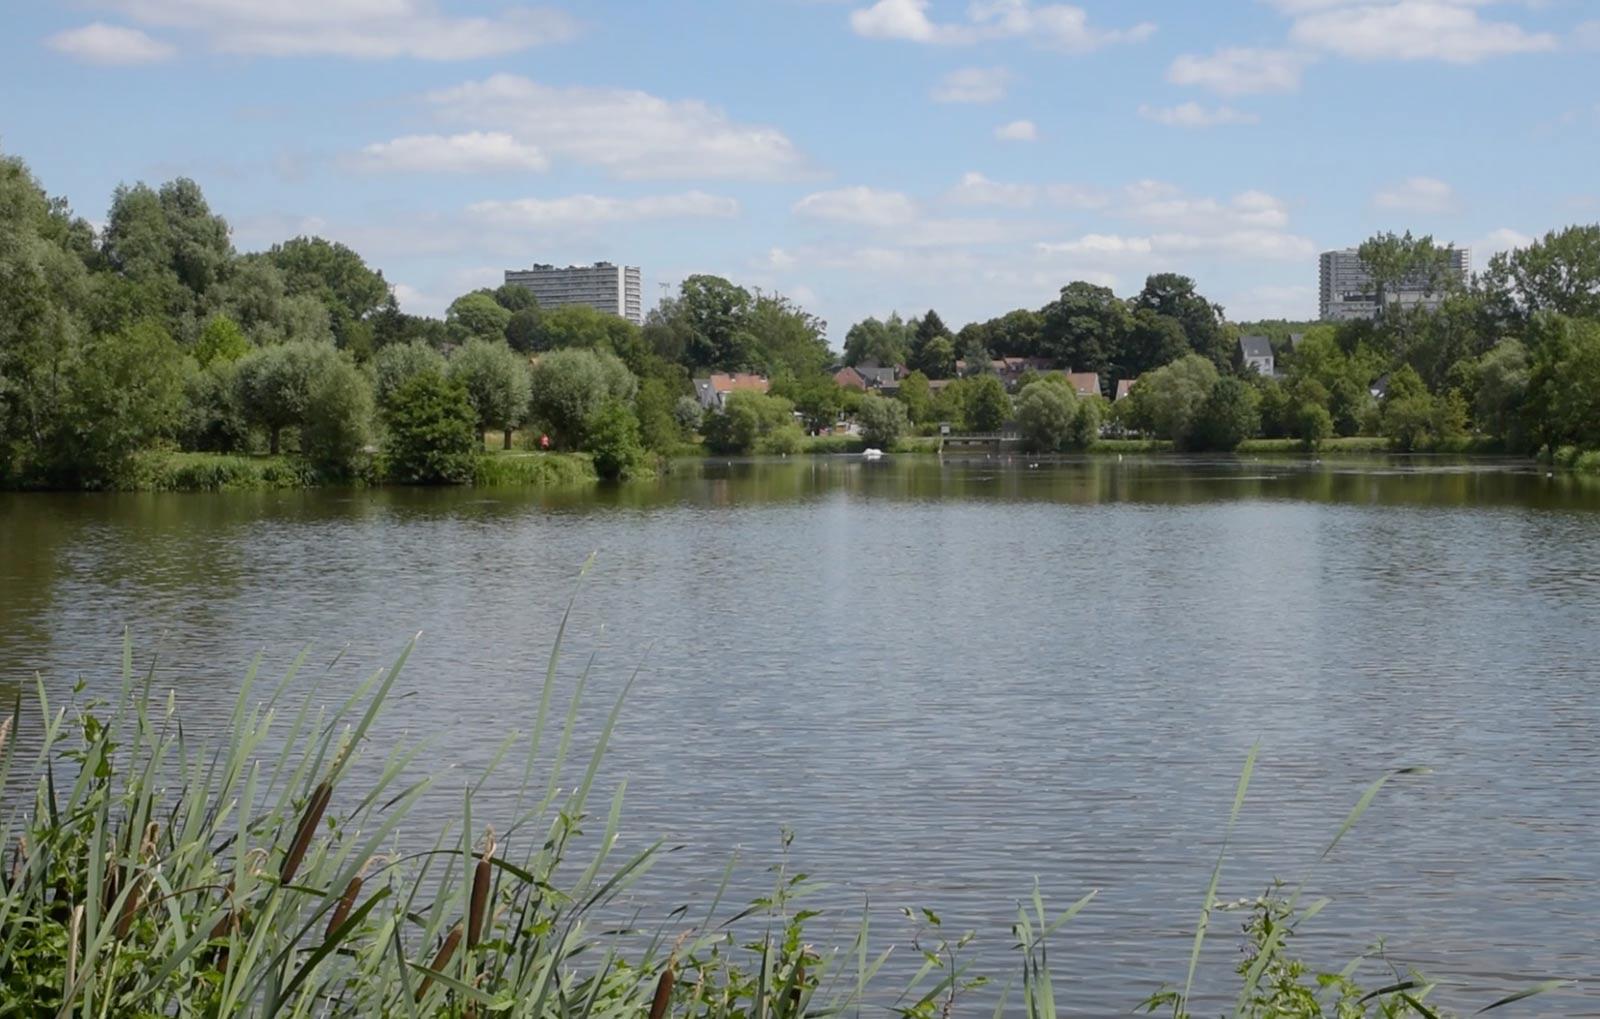 The Neerpede lake / Het Neerpede-meer / Le lac Neerpede.